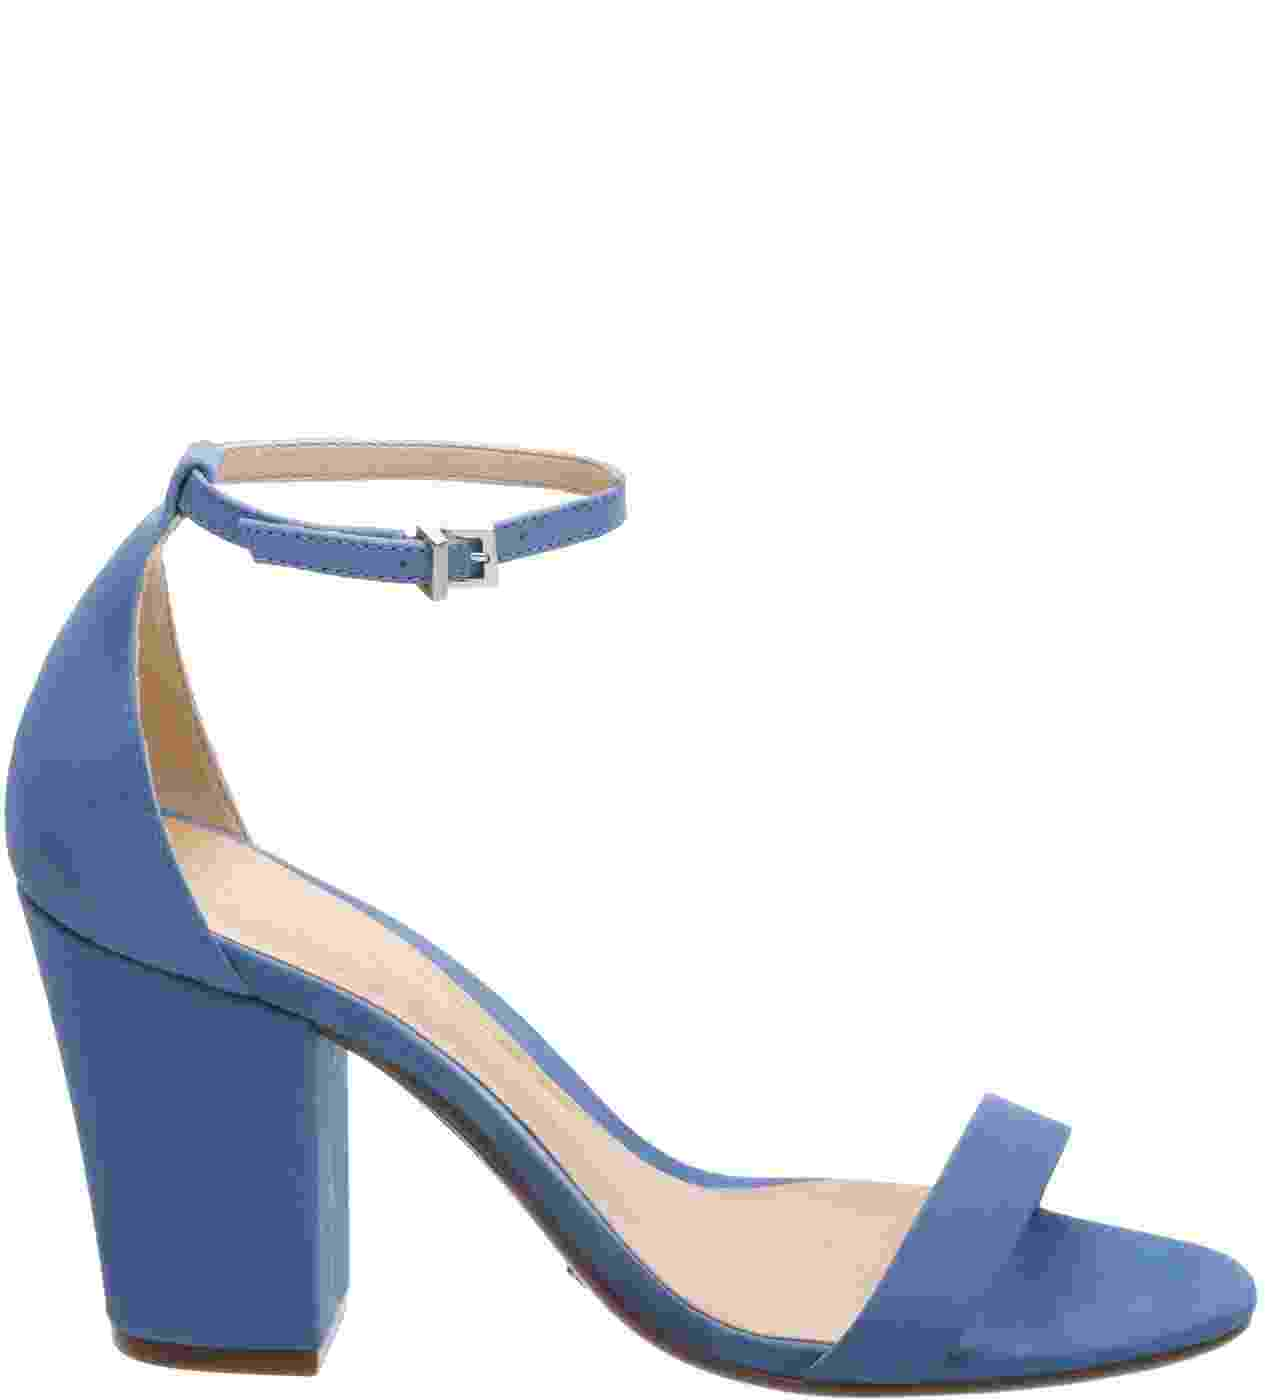 Sandália azul, R$ 280, Schutz, schutz.com.br - Divulgação